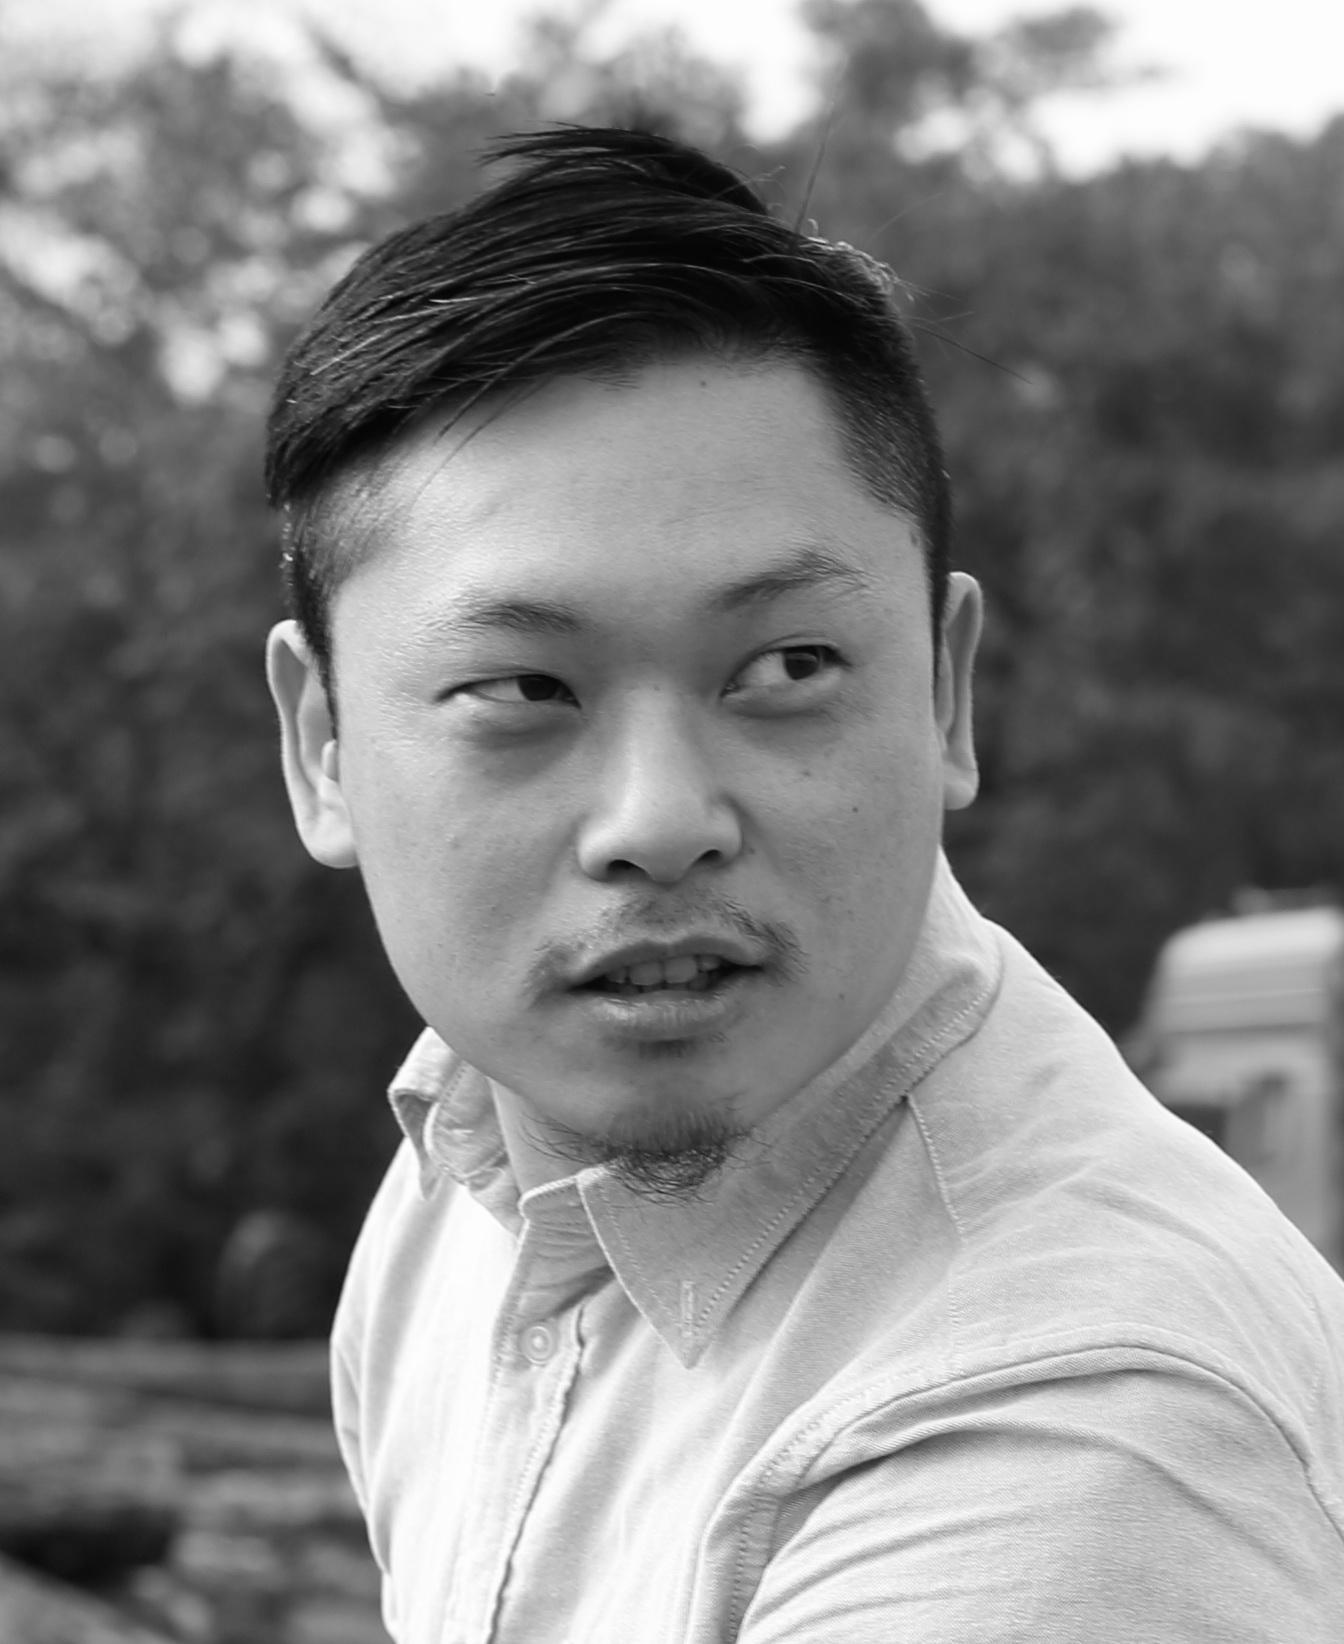 虬龙科技创始人、CEO刘卓照片